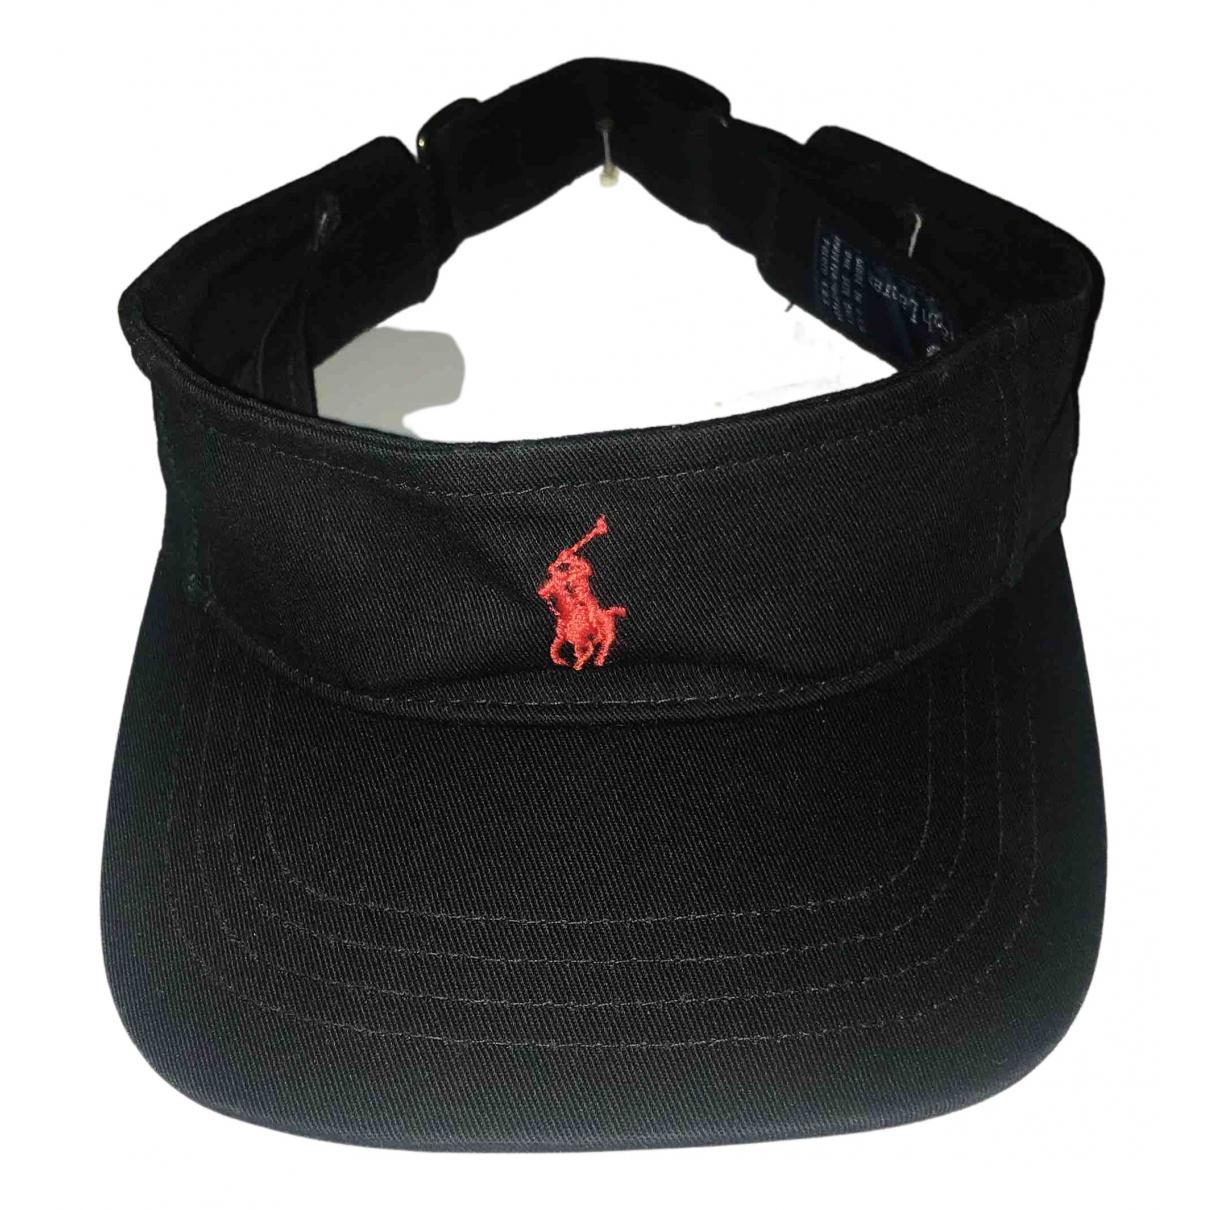 Polo Ralph Lauren \N Black Cotton hat & pull on hat for Men M International